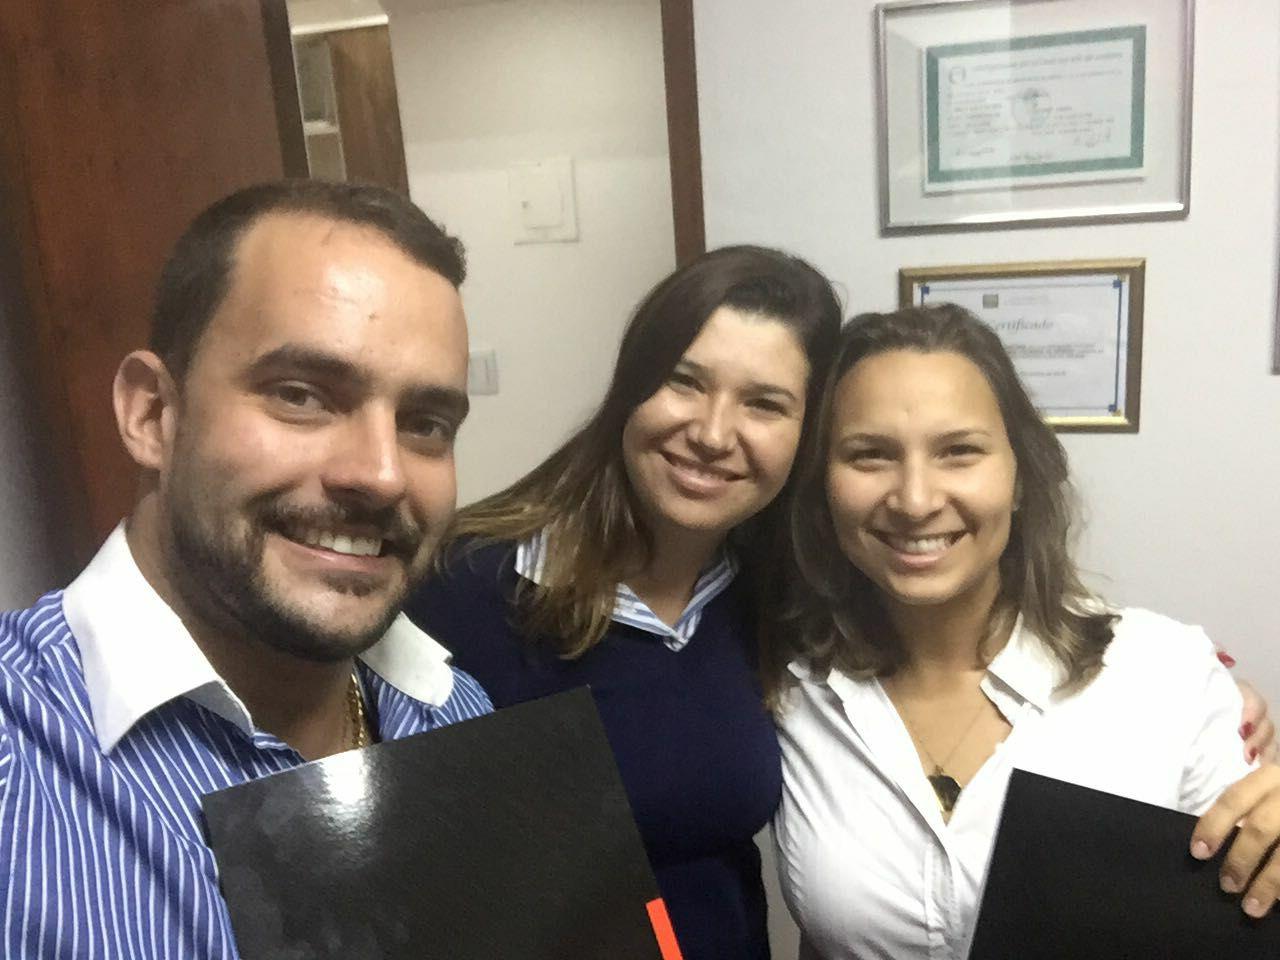 Advogados Thomas Bernardes, Cristiane Azevedo e Mayra Santana, nesta ordem.